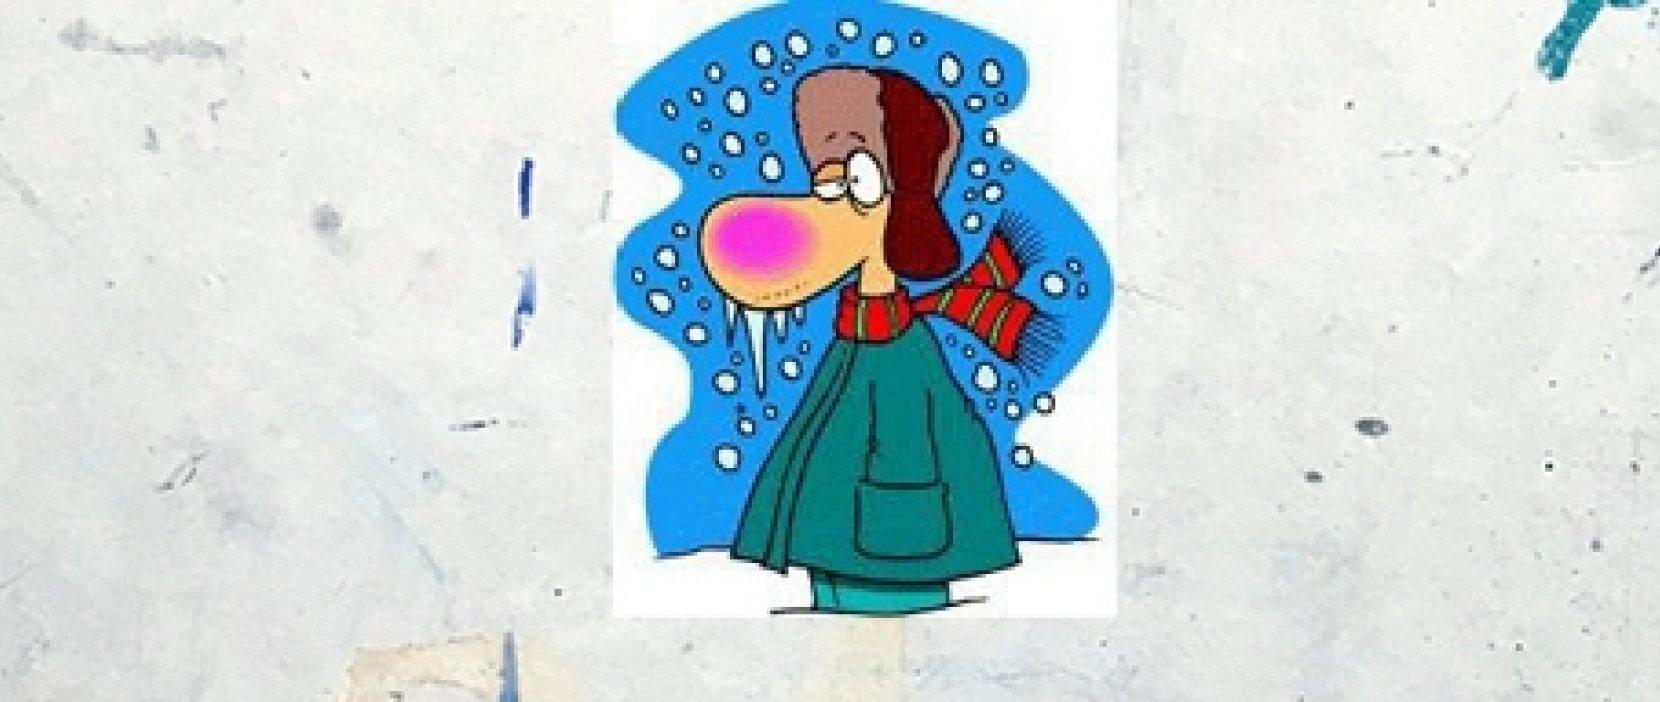 tegning af frysende mand